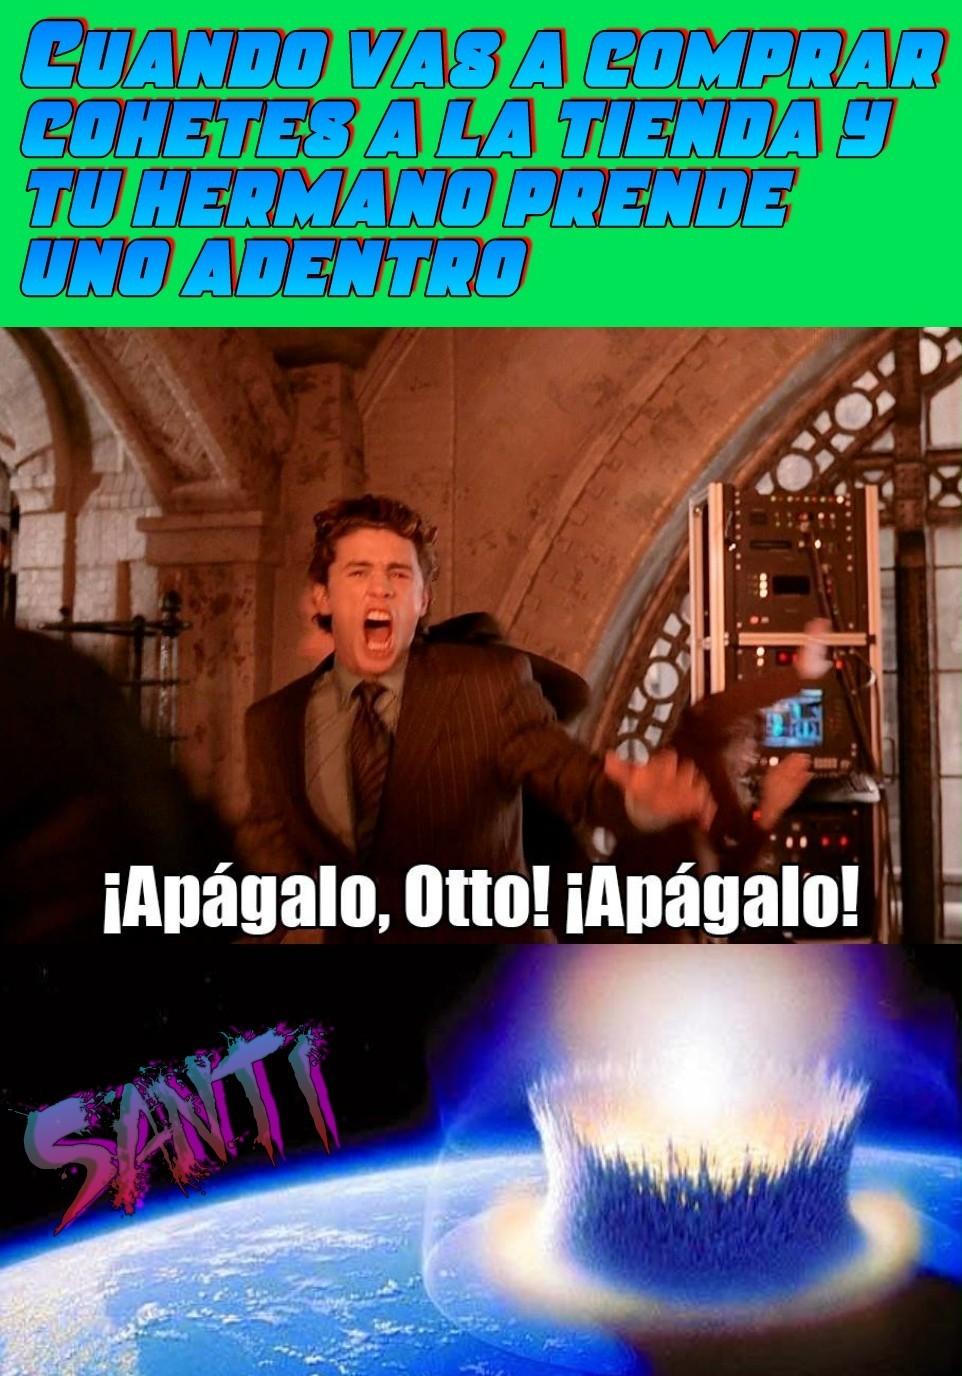 FELIZ AÑO NUEVO (Nueva fuente) - meme